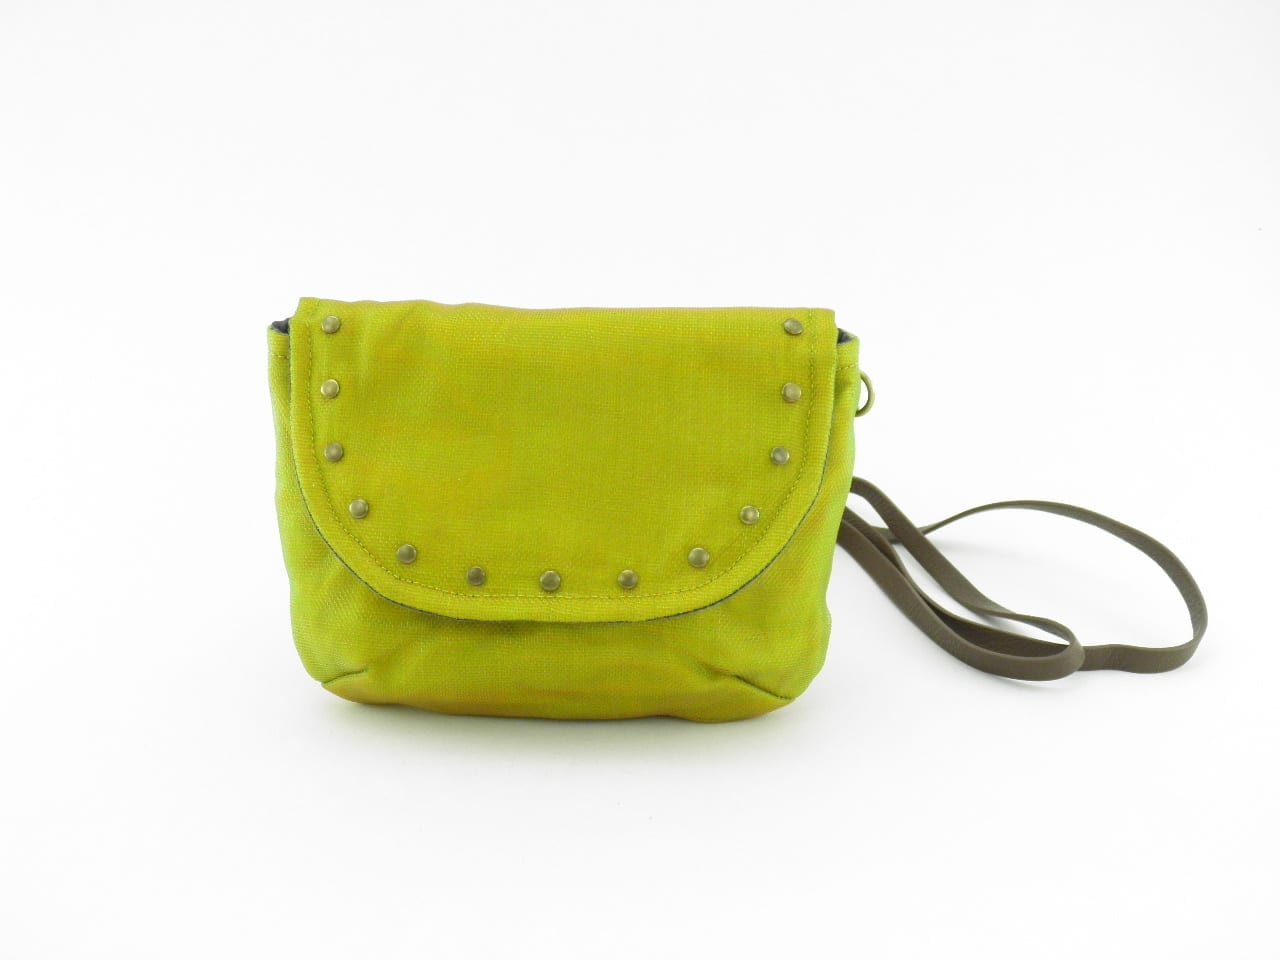 Le Minibag - Sac avec rivets éthique - Jaune